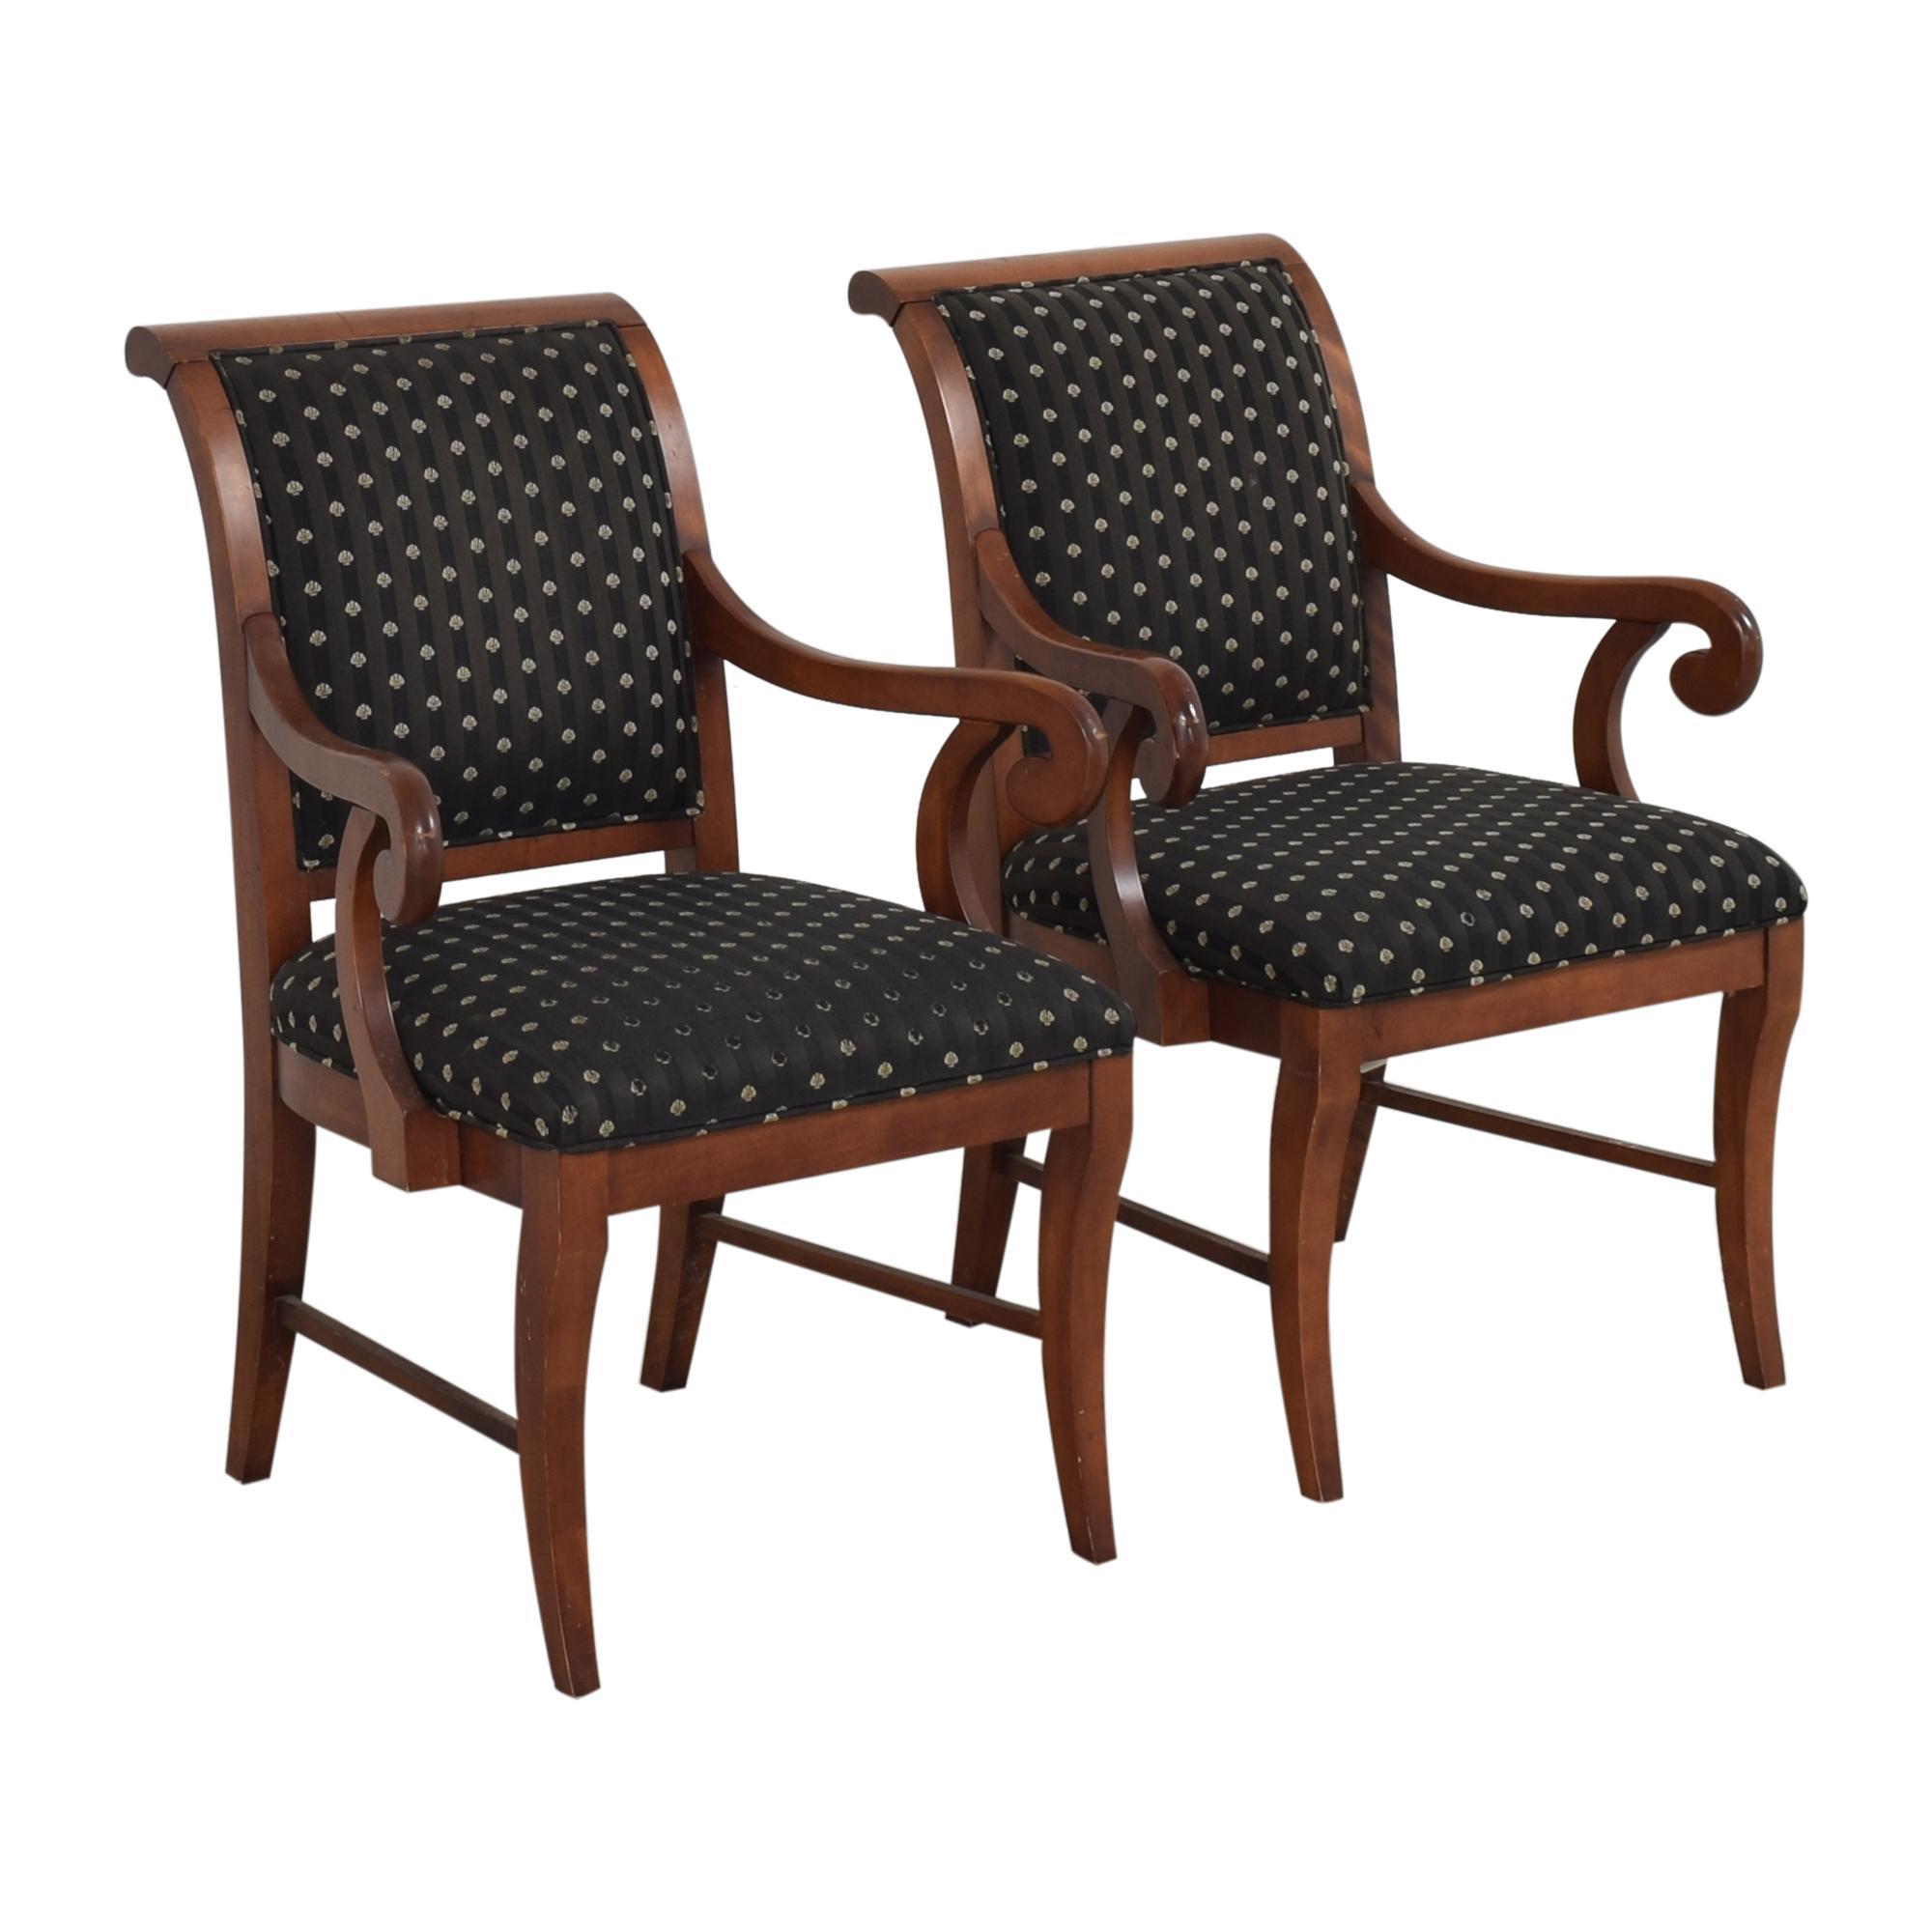 Leda Furniture Leda Furniture Arm Chairs on sale